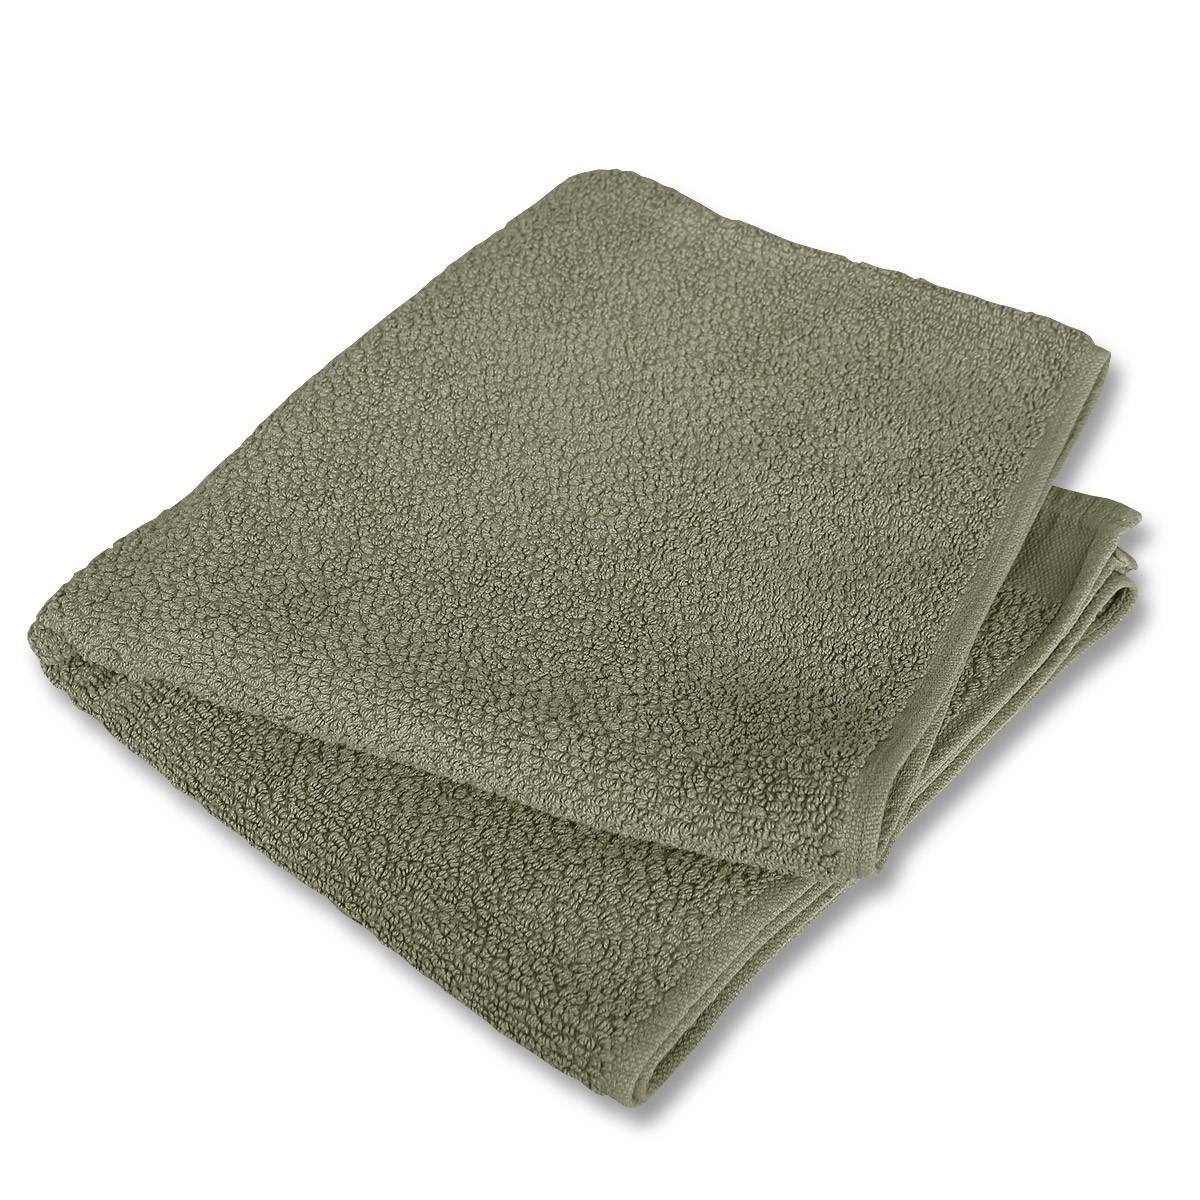 bw bundeswehr handtuch original gebraucht im bundeswehr. Black Bedroom Furniture Sets. Home Design Ideas